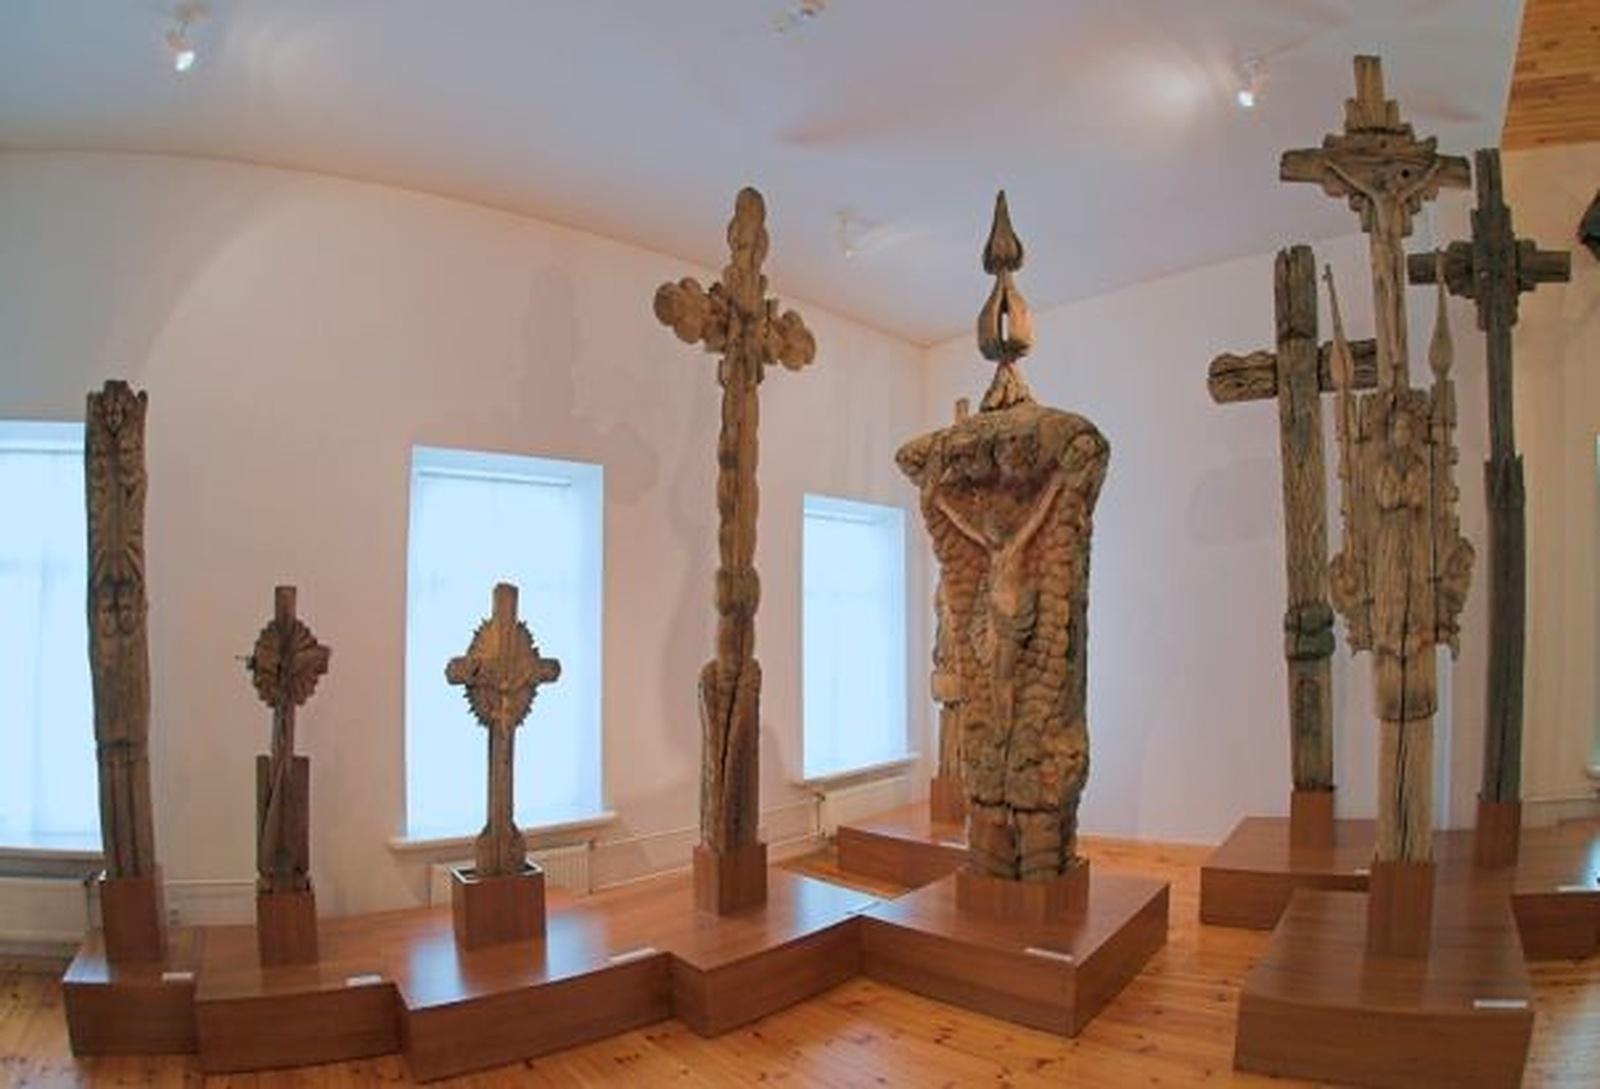 Tarptautinės muziejų dienos proga Kėdainiai pristato Vinco Svirskio kryžių